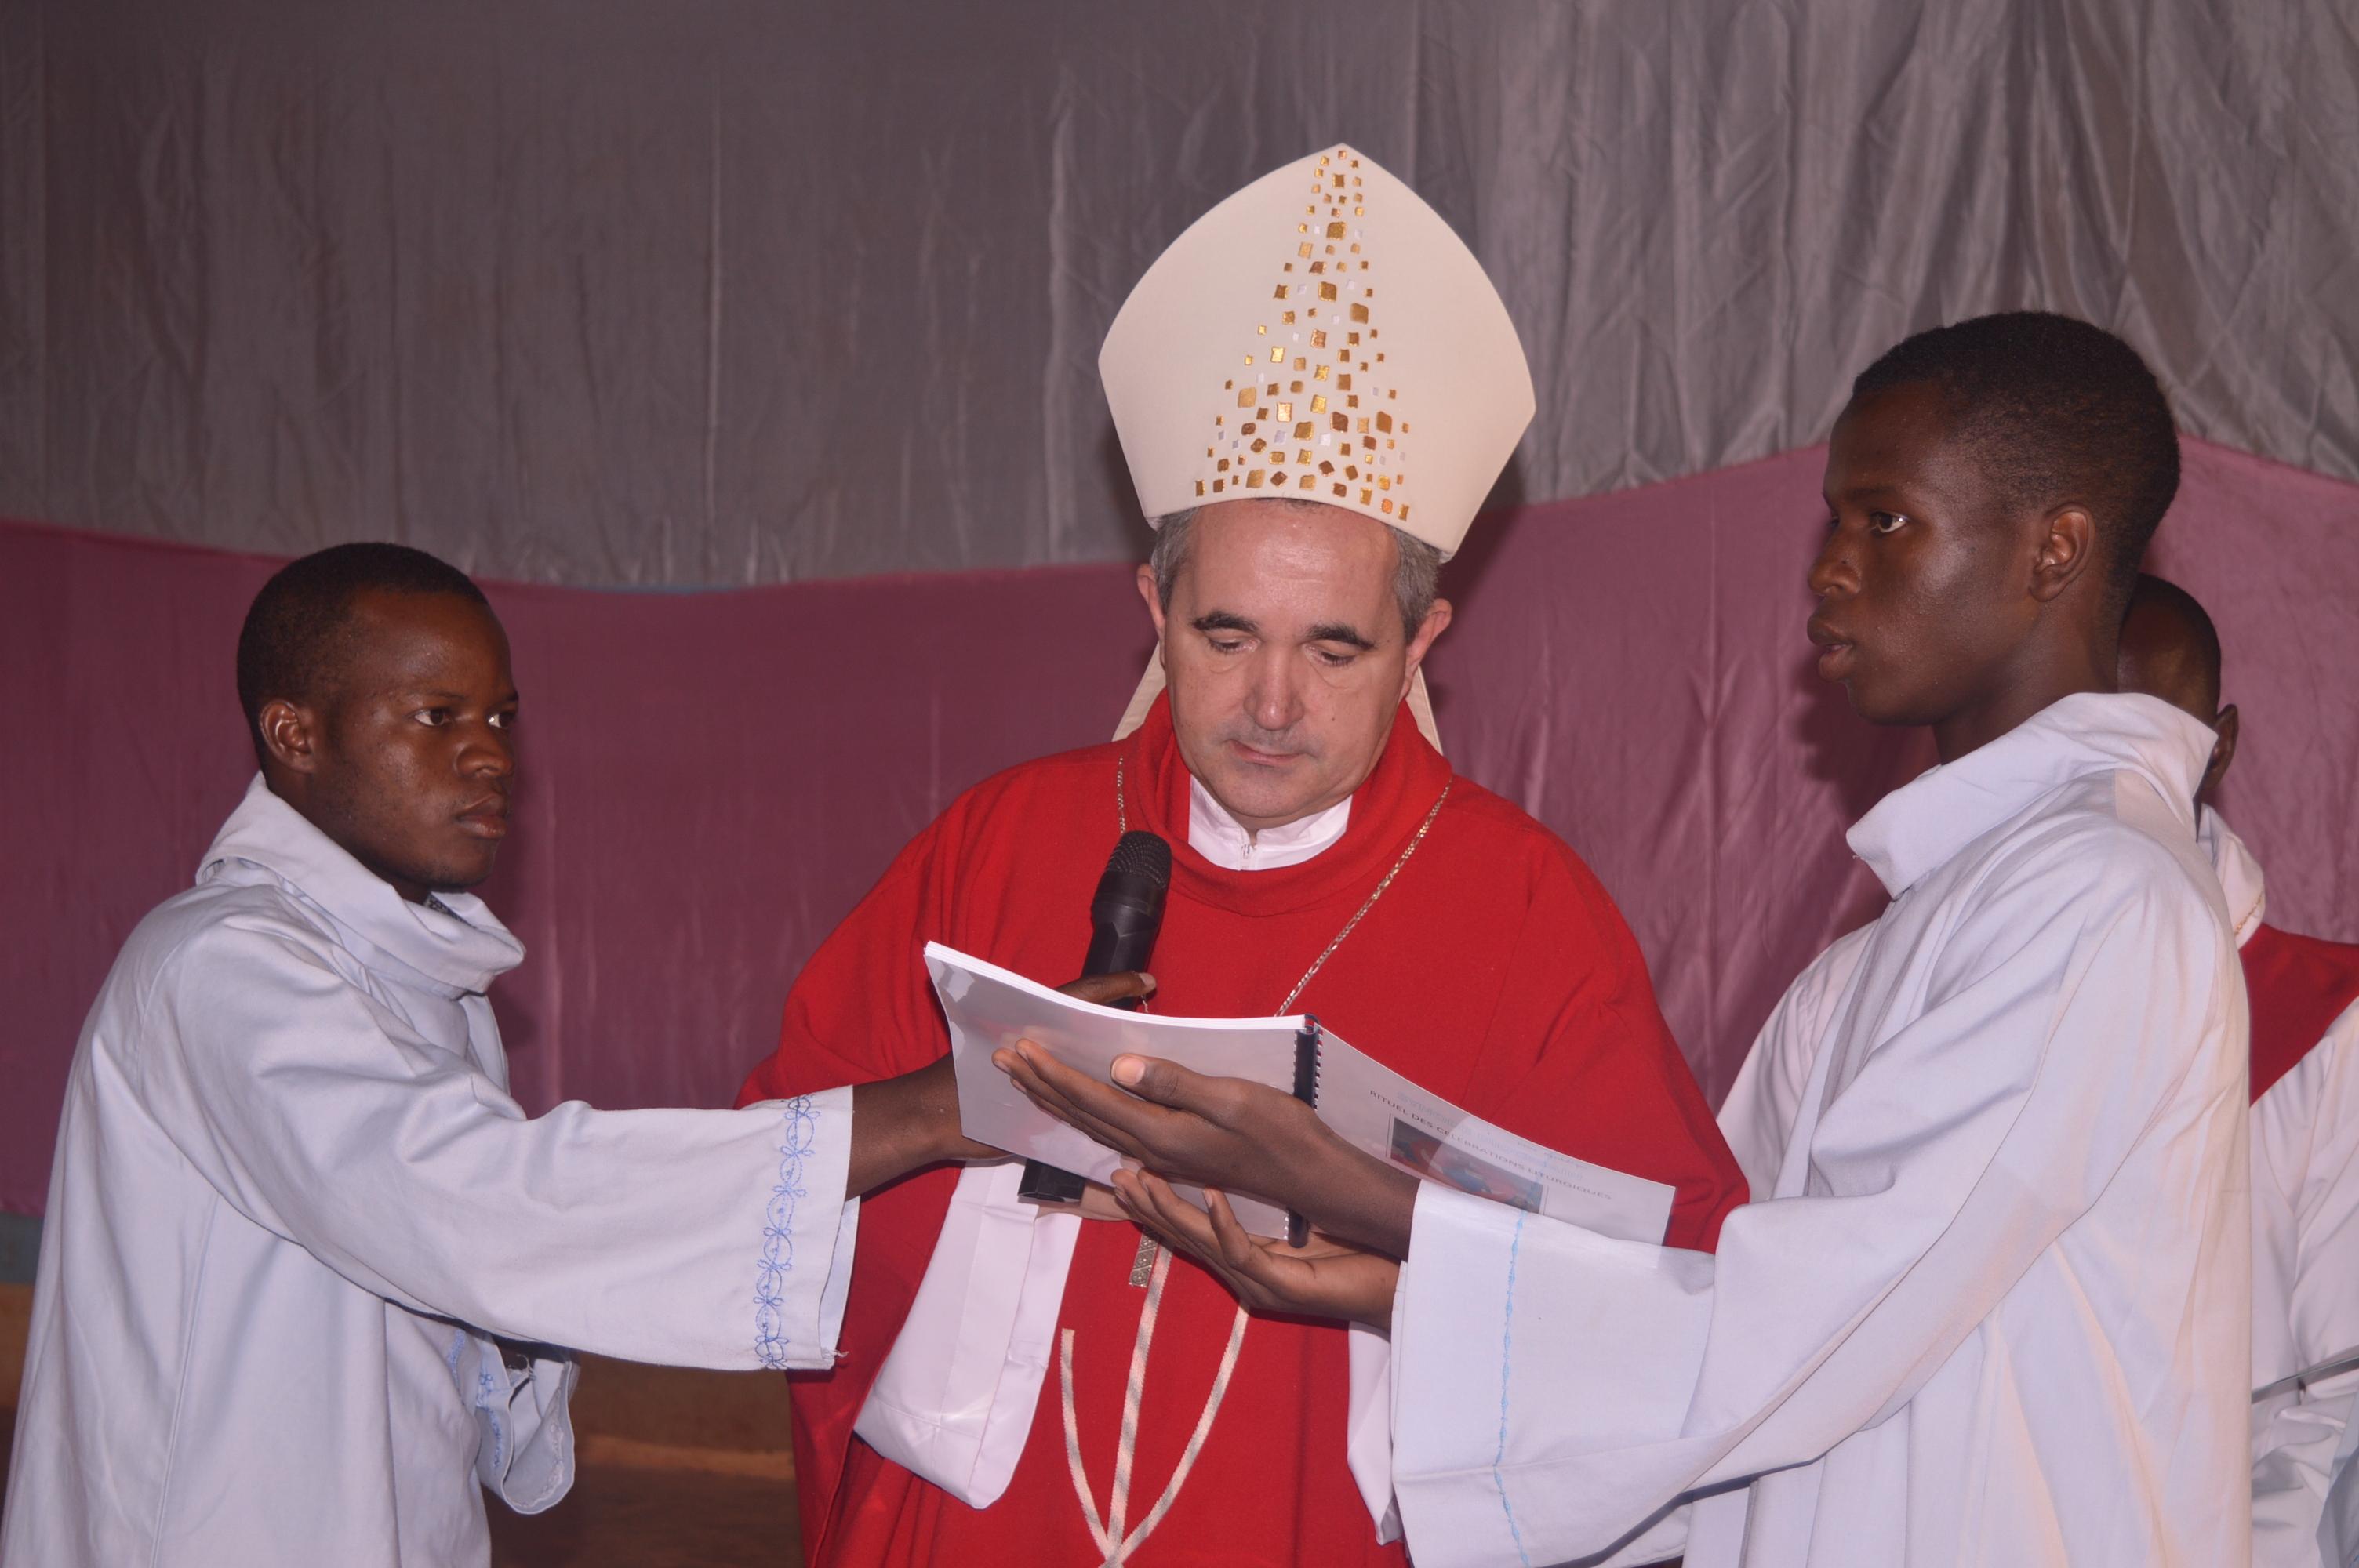 BURKINA FASO : Le nonce apostolique Mgr Piergiorgio Bertoldi ouvre le synode diocésain de Kaya